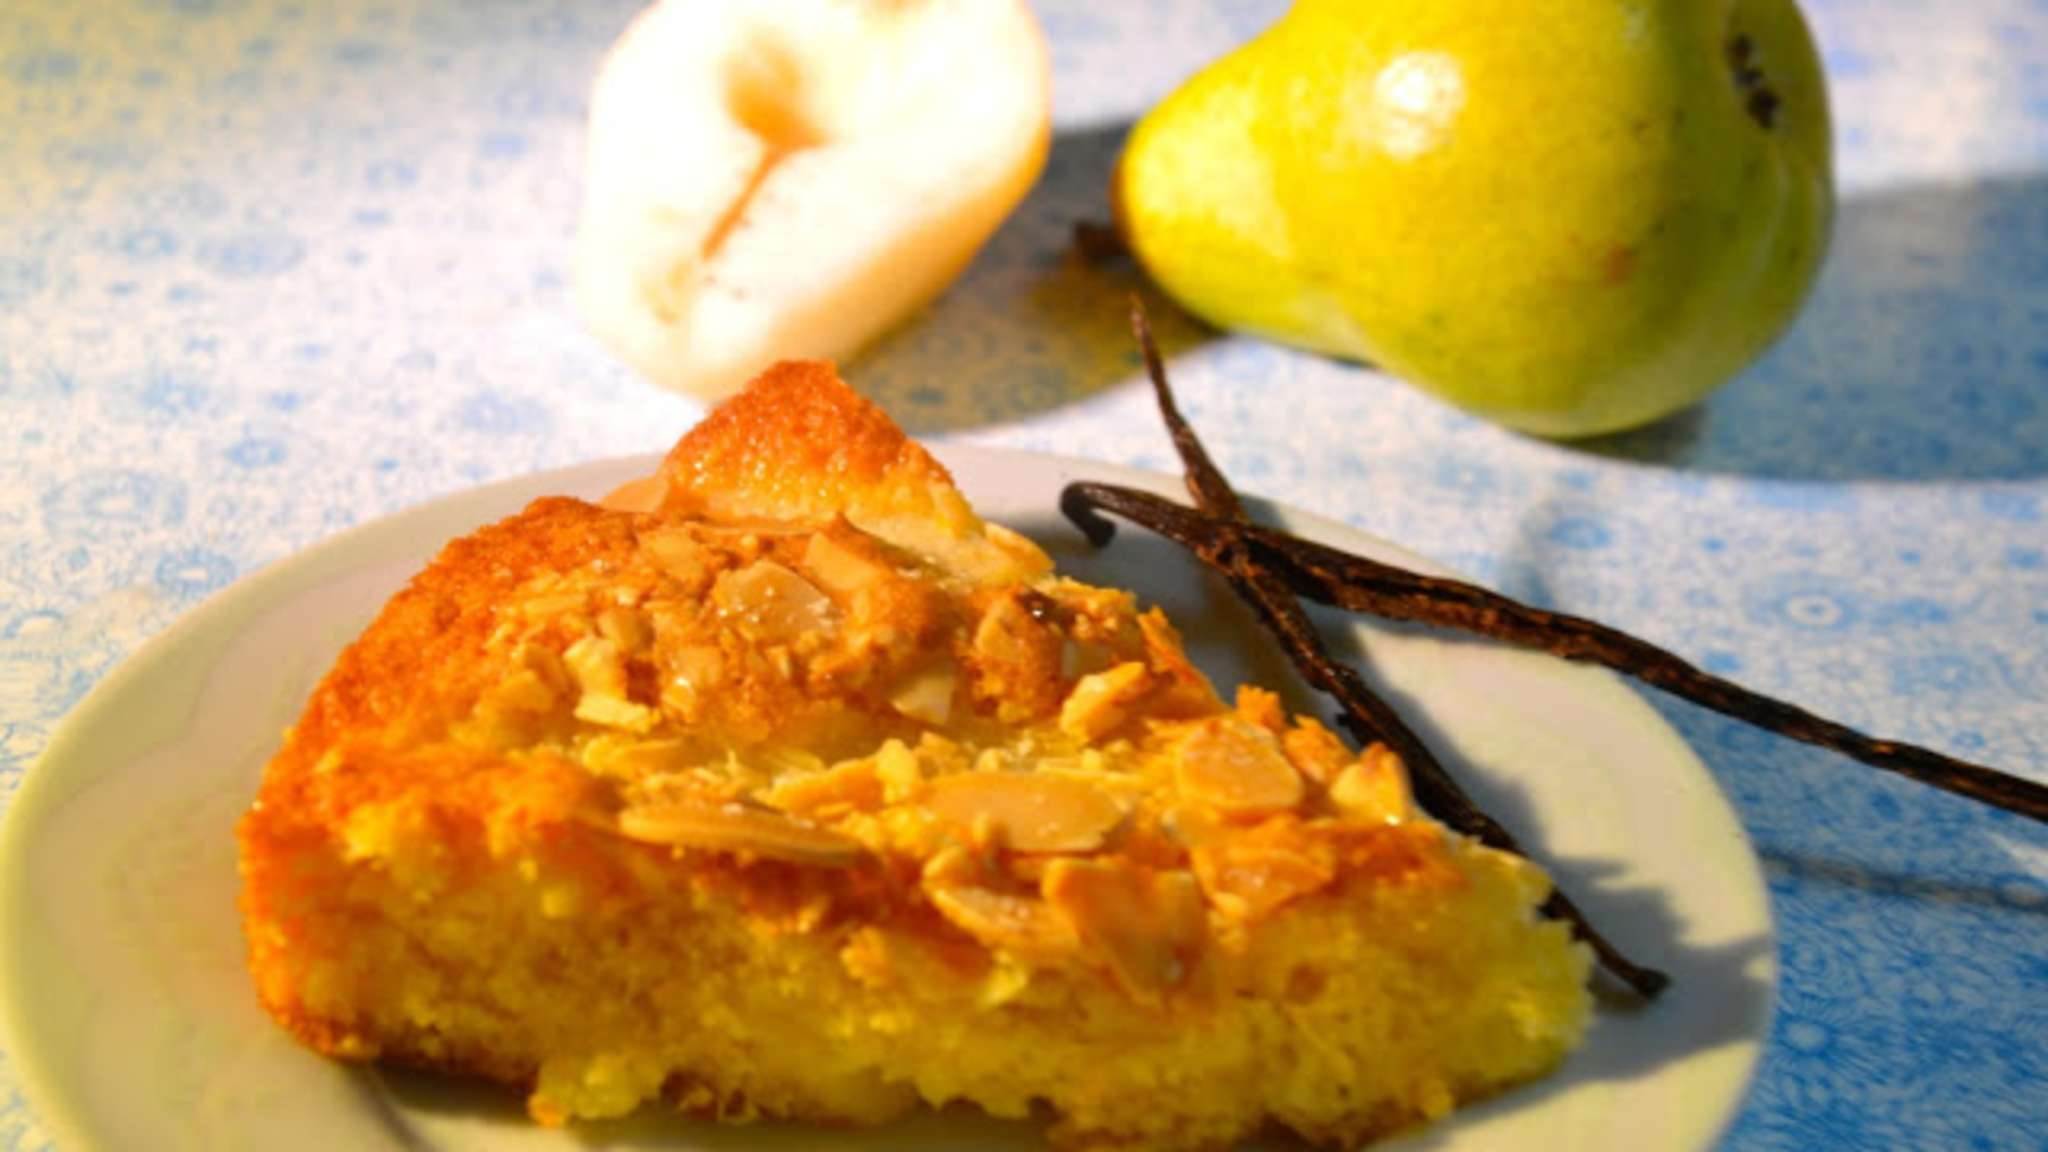 Le gâteau amandes et poires